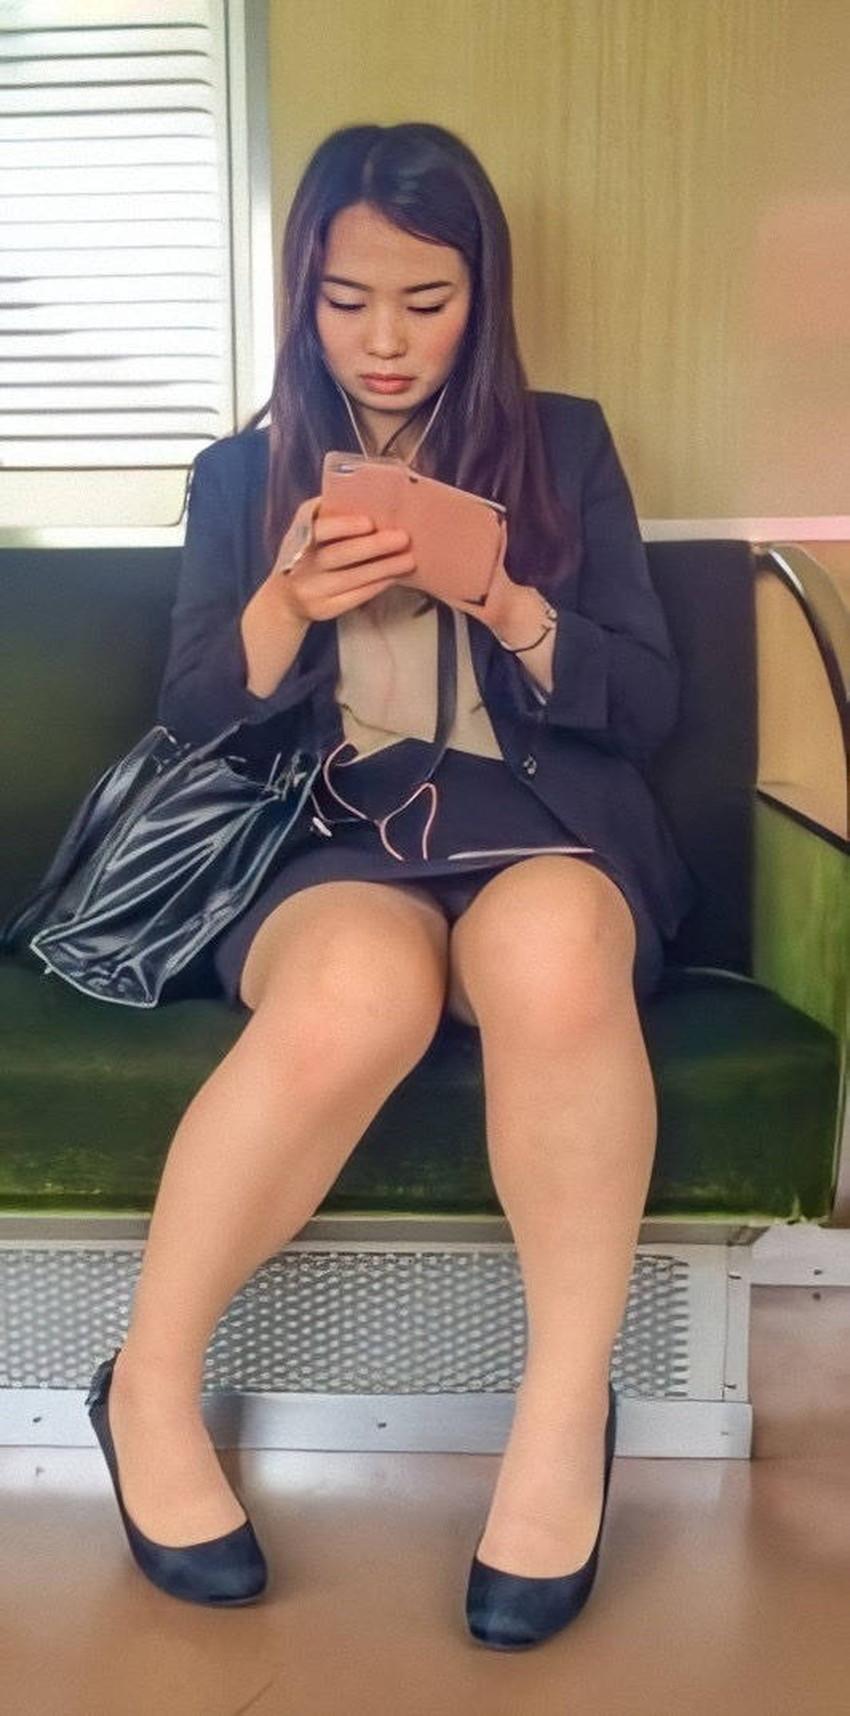 【電車内パンチラエロ画像】辛い満員電車の中のオアシス電車内パンチラ!スーツOLや制服JKのデルタゾーンからパンティー見えてる電車内パンチラのエロ画像集!【80枚】 80